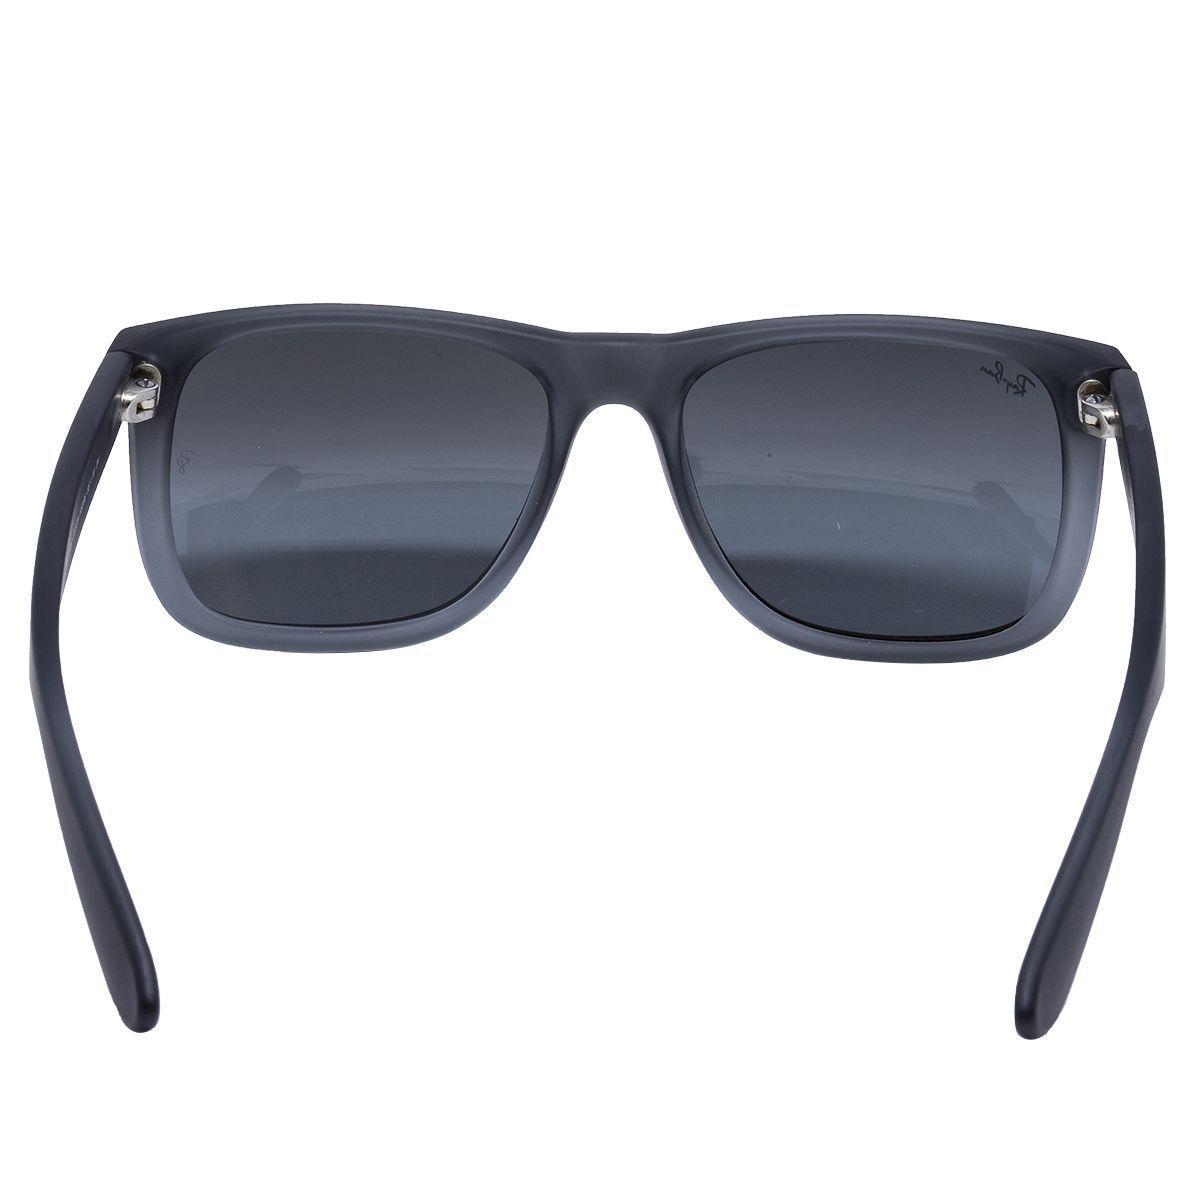 c55aa06d04c90 Óculos de Sol Ray Ban Justin RB4165L 852 88 - Acetato Preto Fosco ...